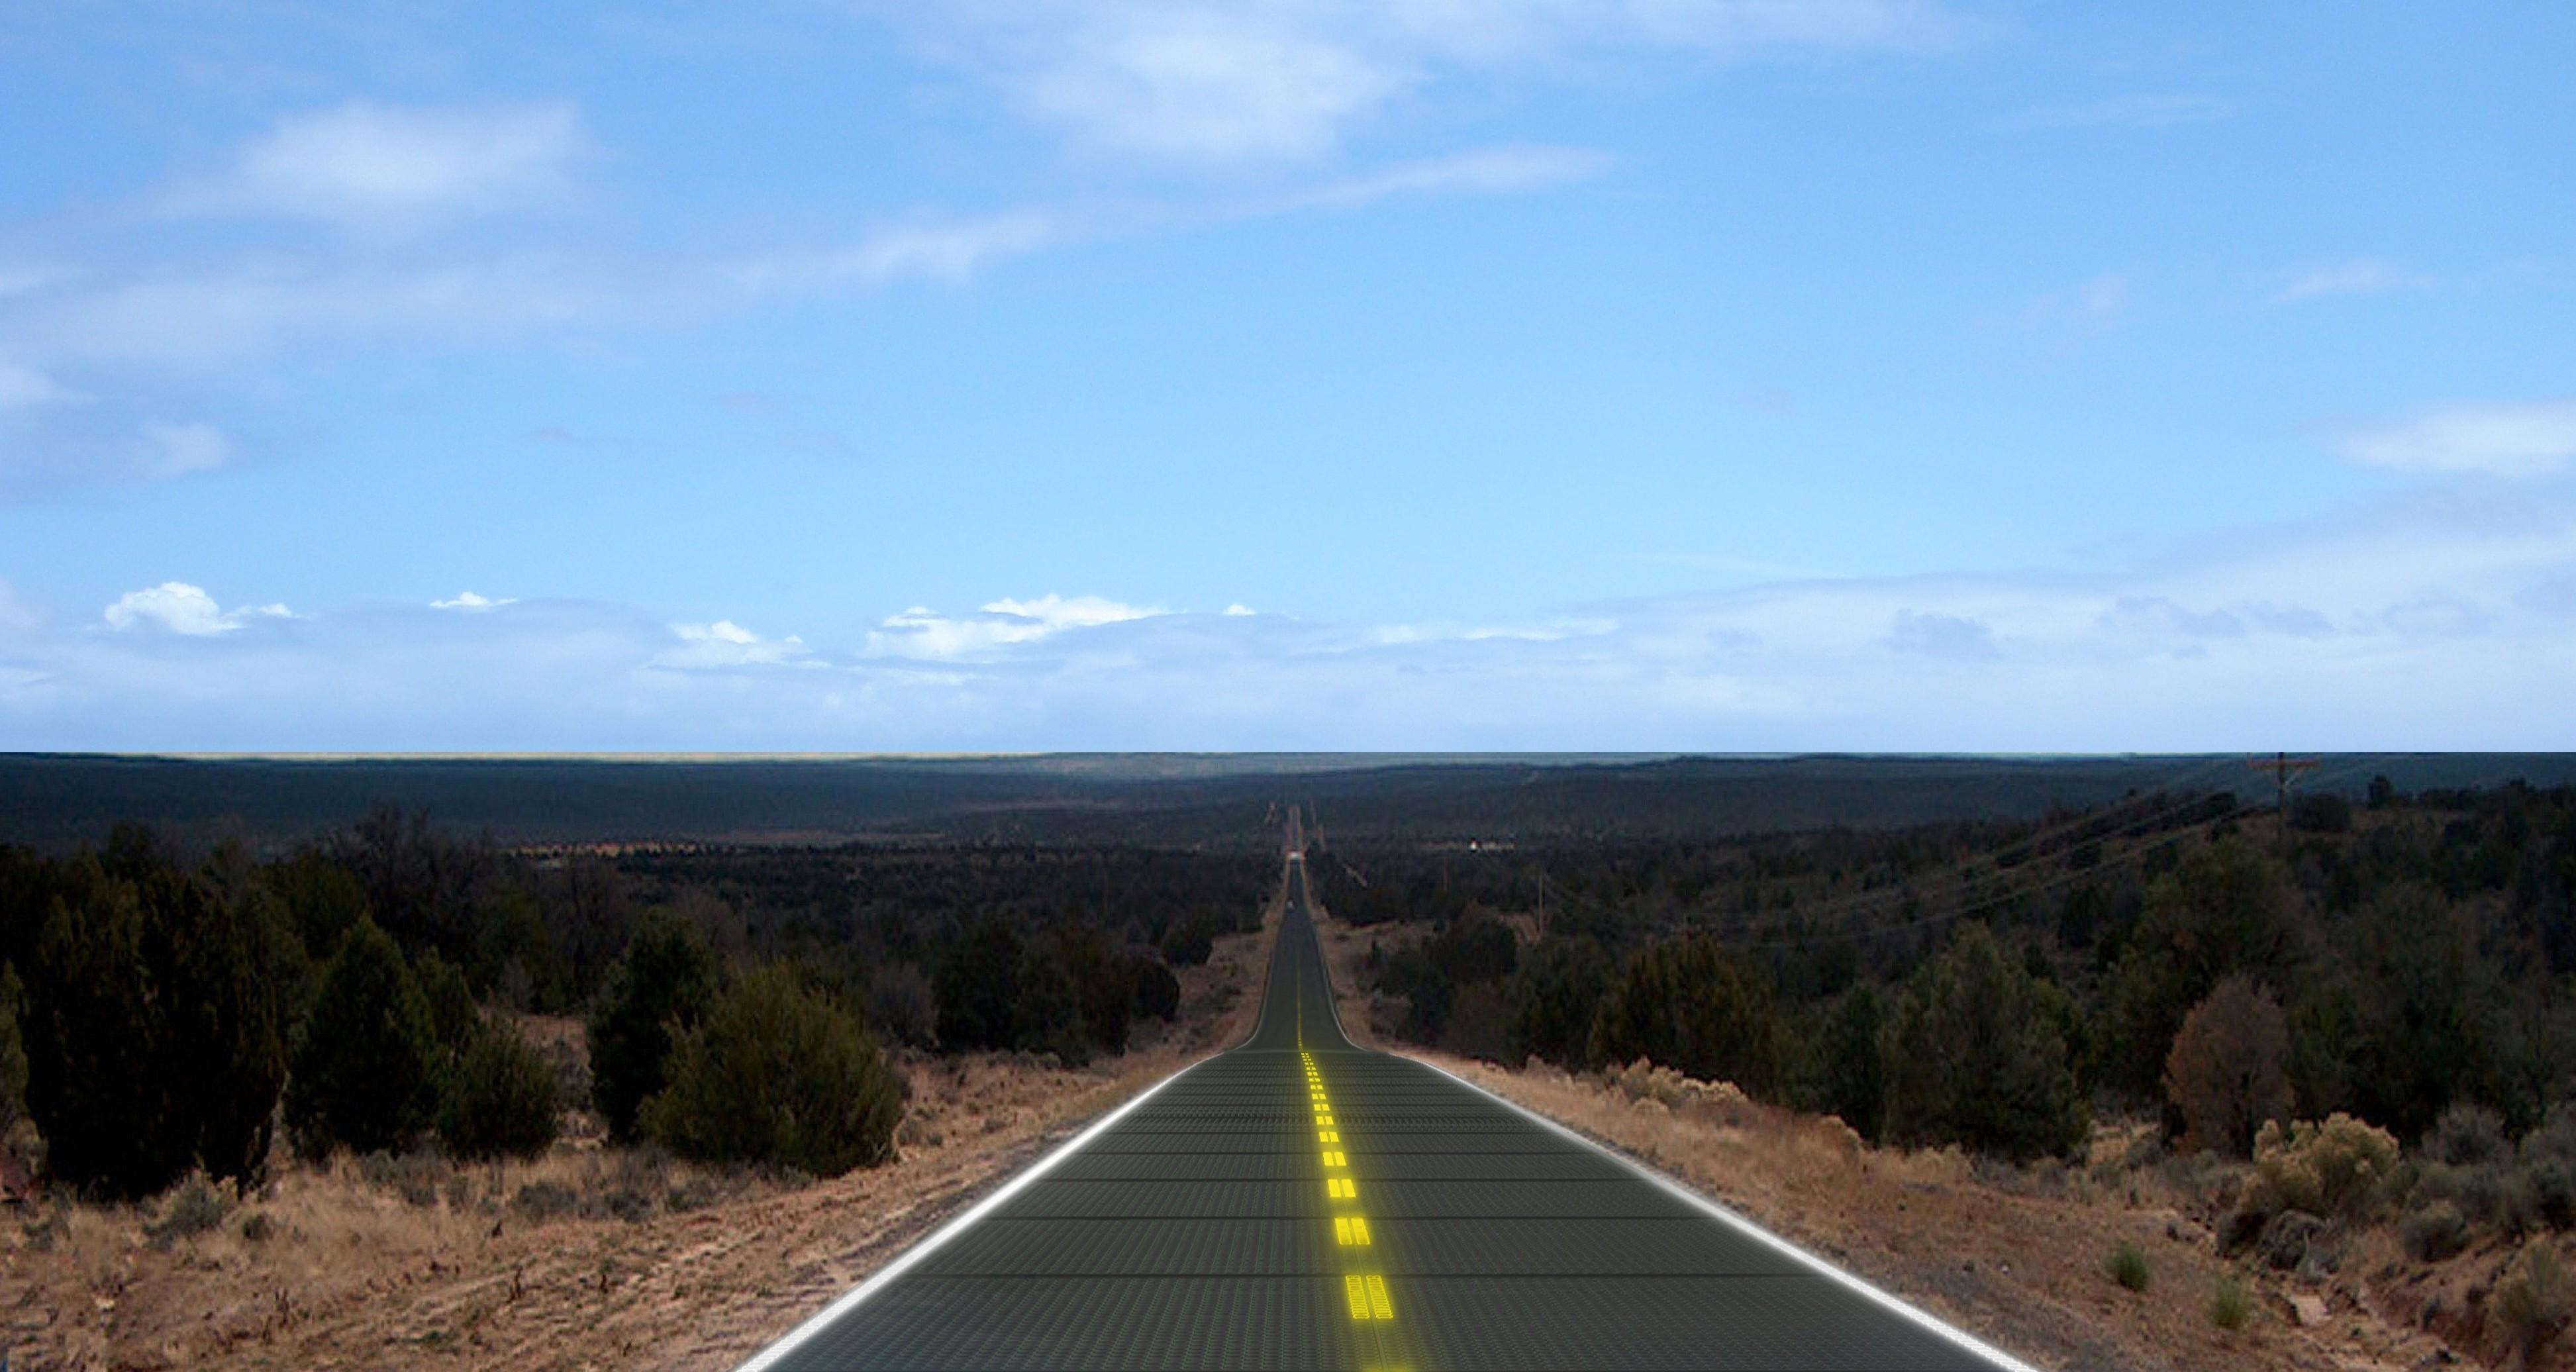 Roadway image